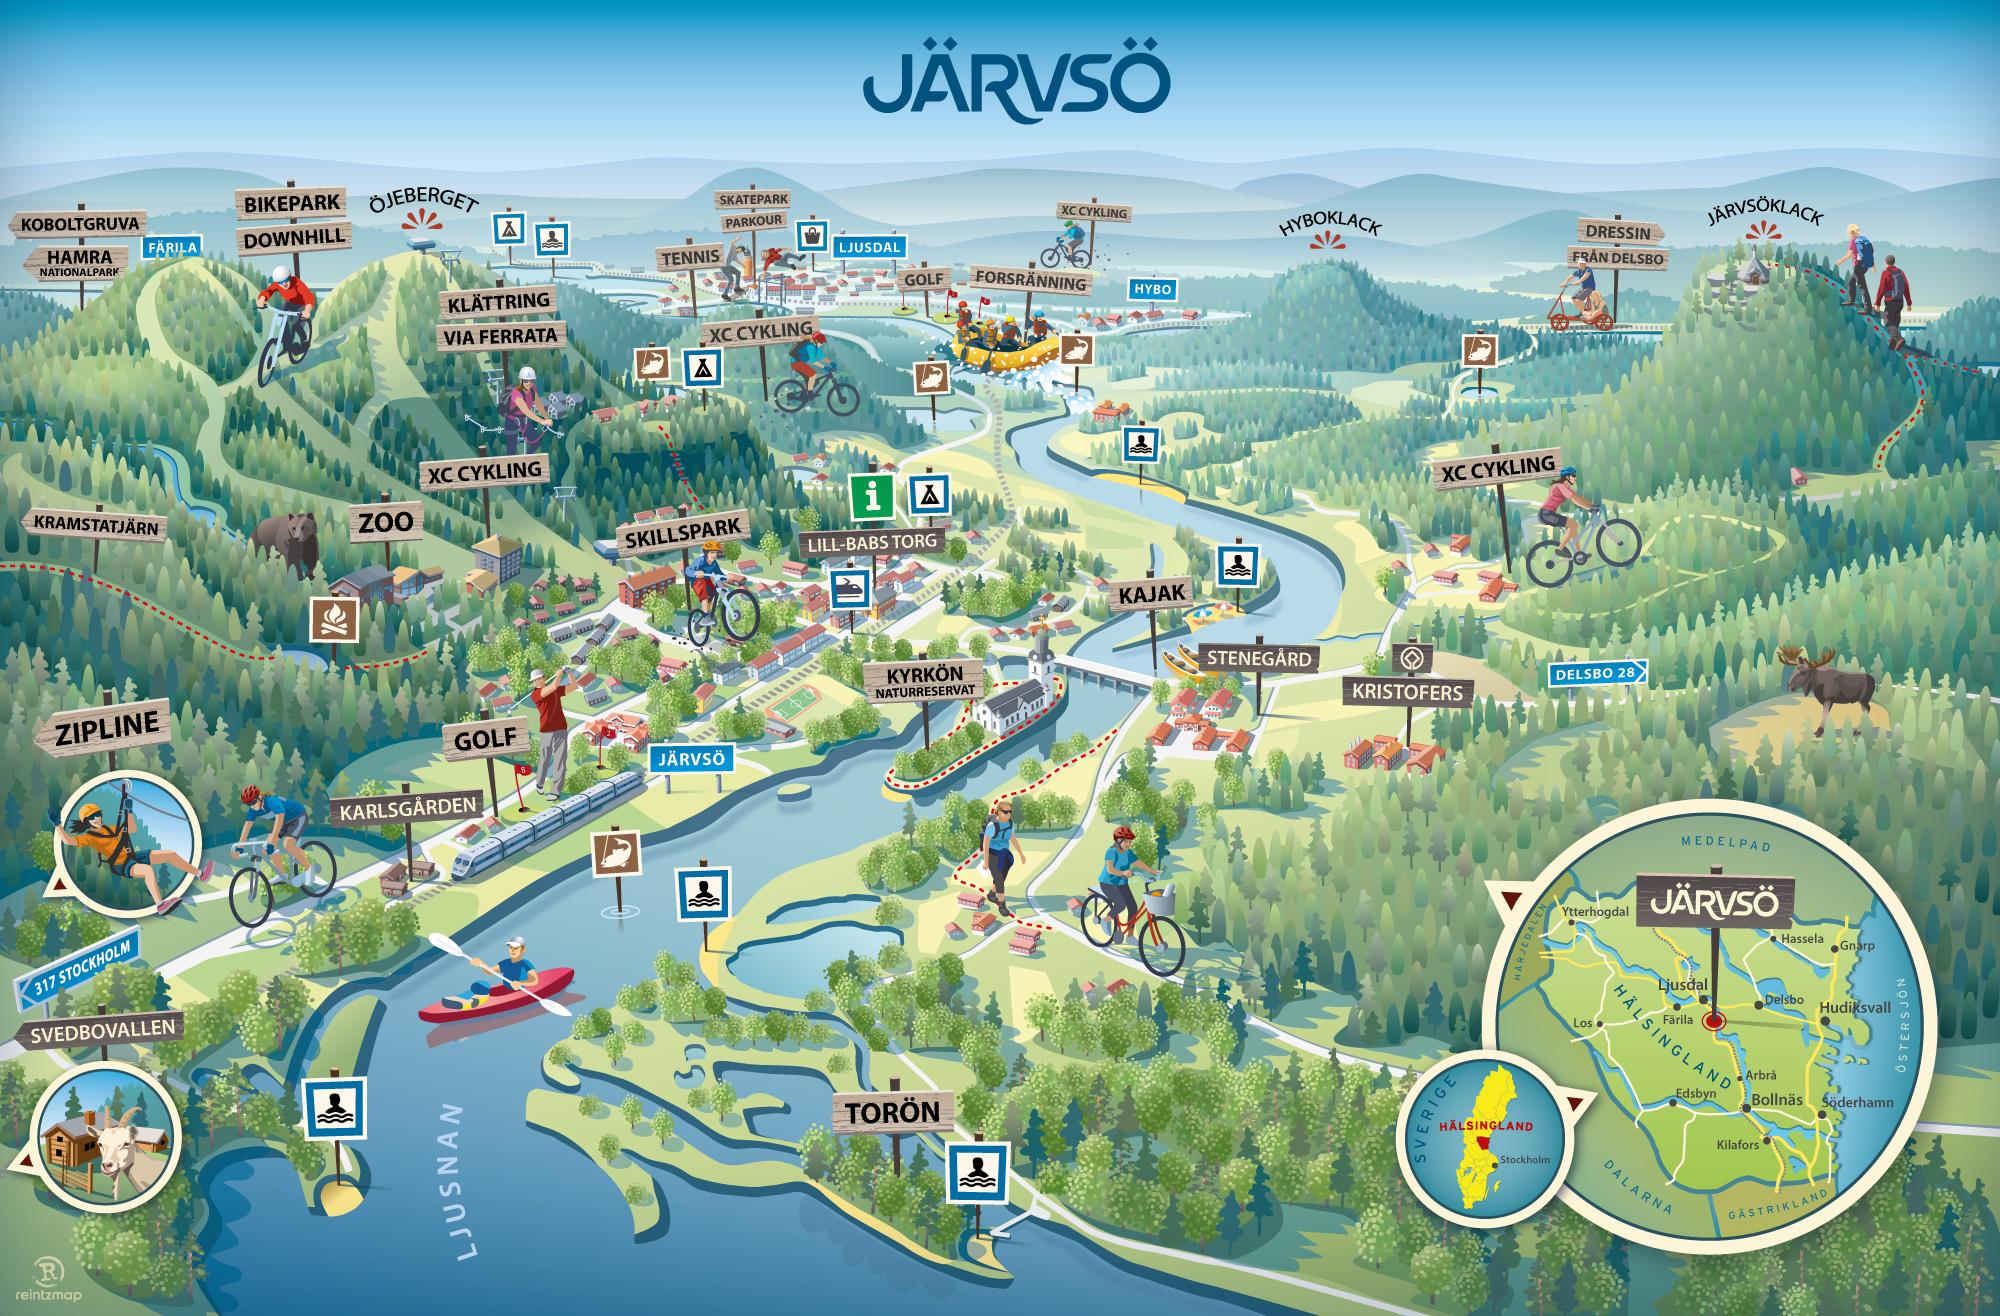 Sommar i Järvsö - se alla aktiviteter